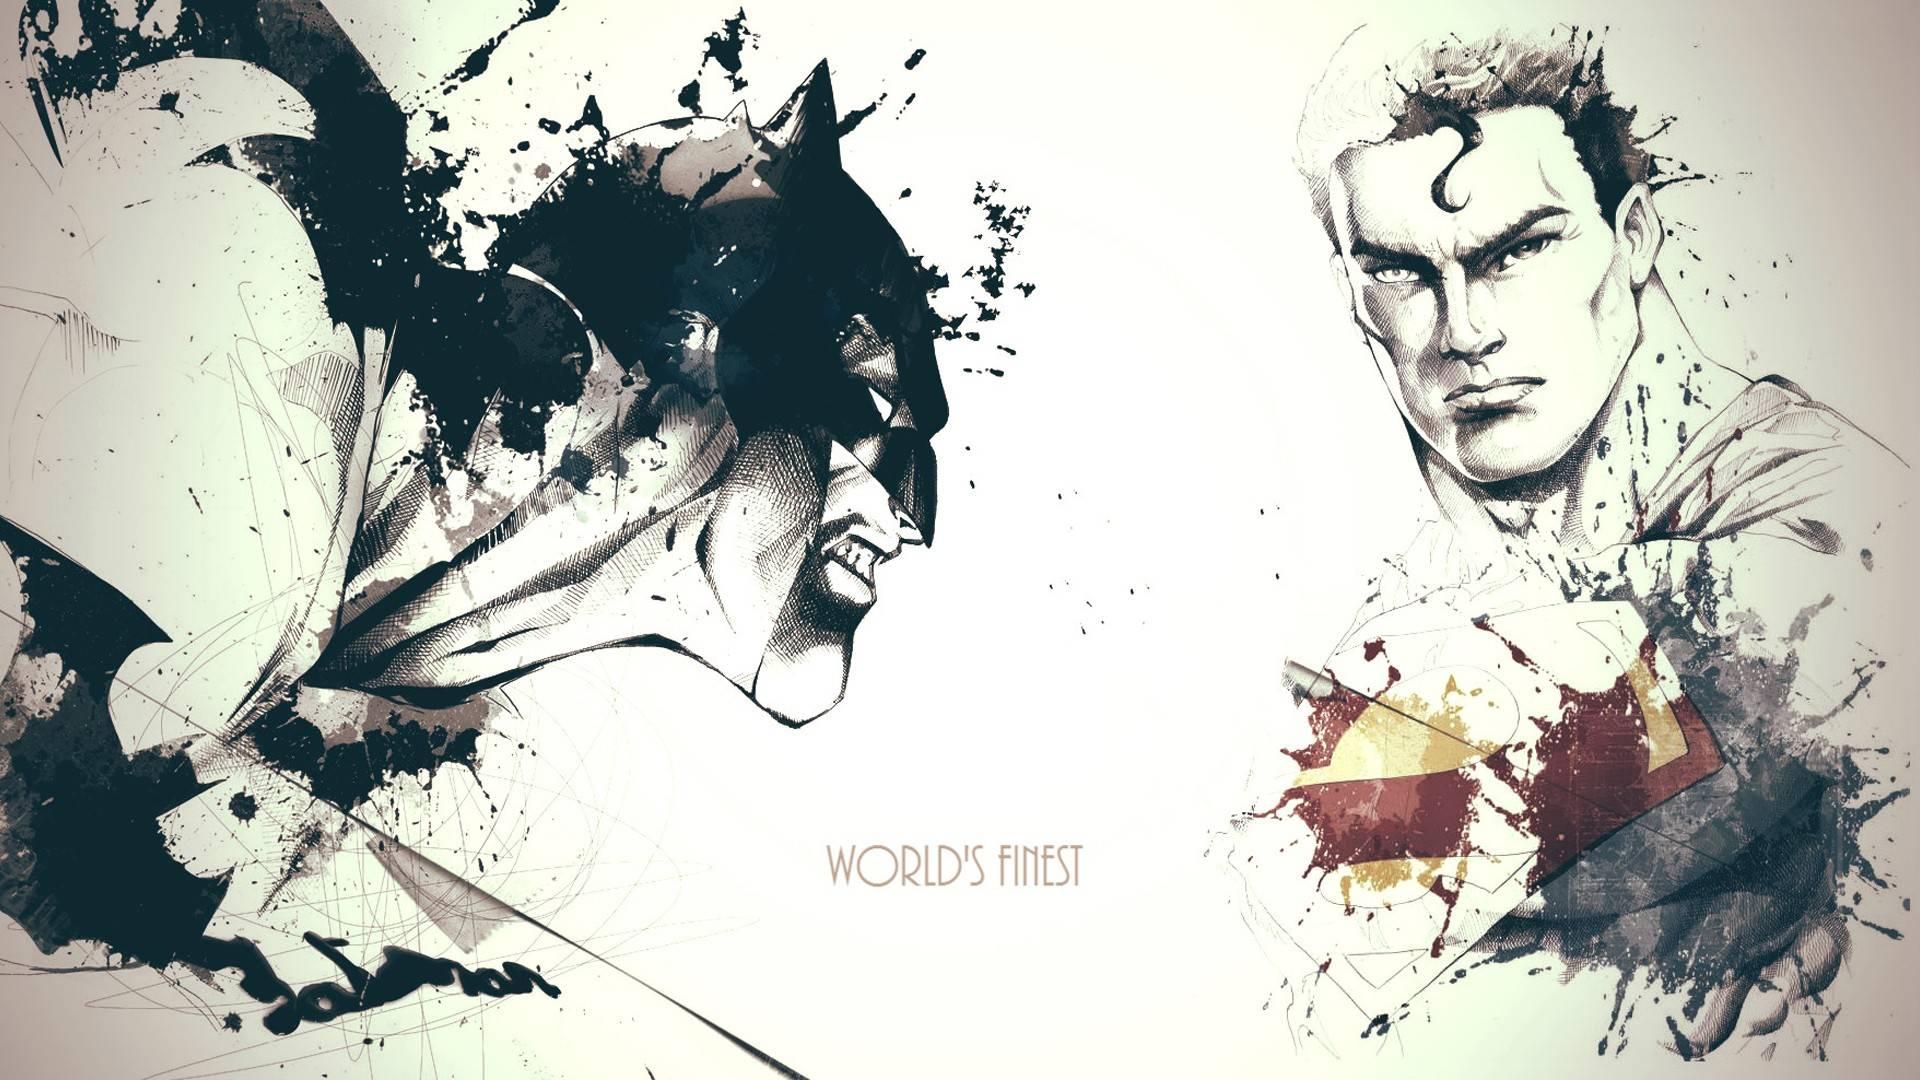 Batman-Vs-Superman-HD-BatmanVsSupermanHD-BatmanVsSuperman-superheroes-wa-wallpaper-wp3603009